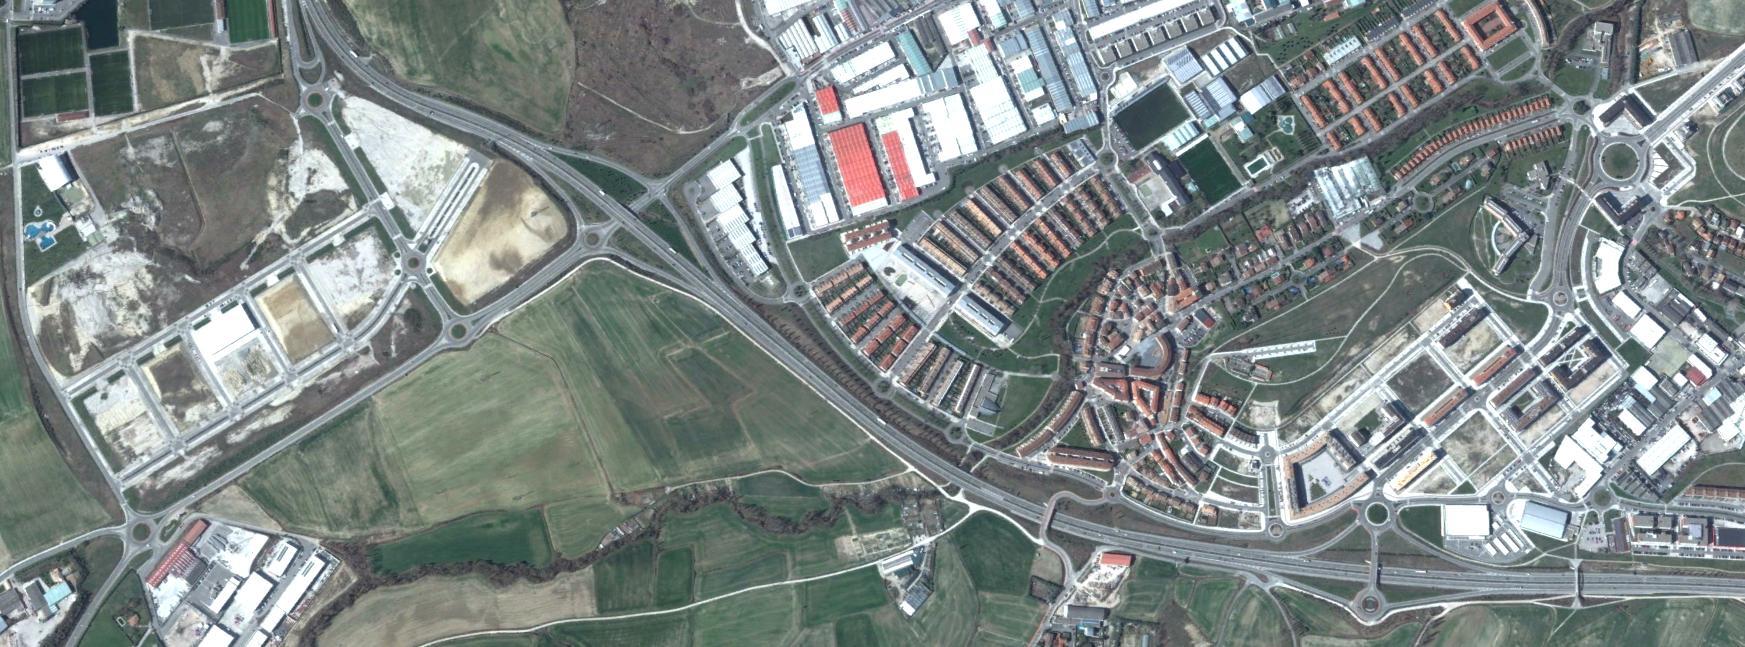 mutilva, navarra, fiat mutilva, después, urbanismo, planeamiento, urbano, desastre, urbanístico, construcción, rotondas, carretera